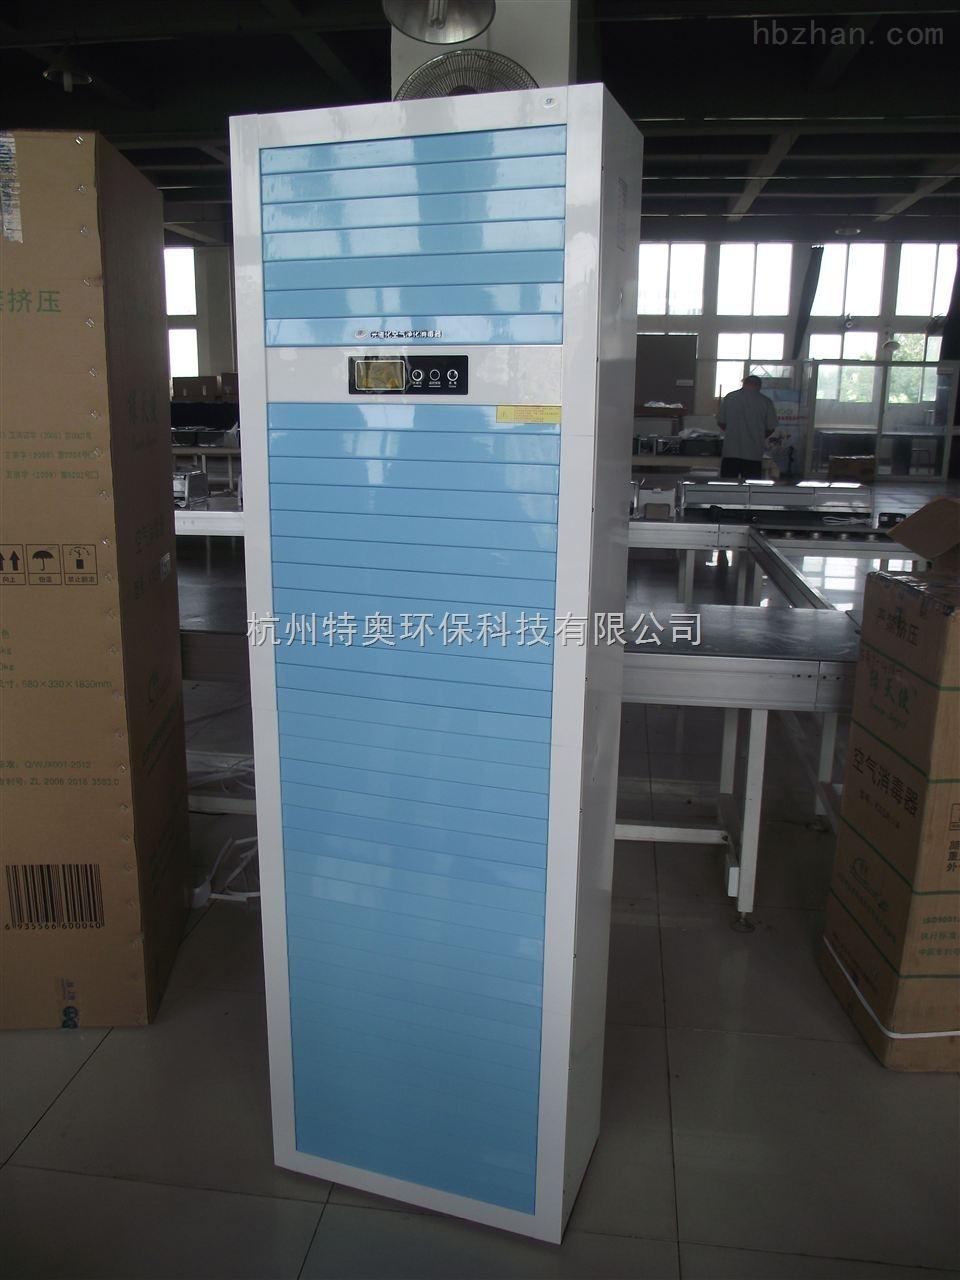 空气净化器 空气净化消毒机